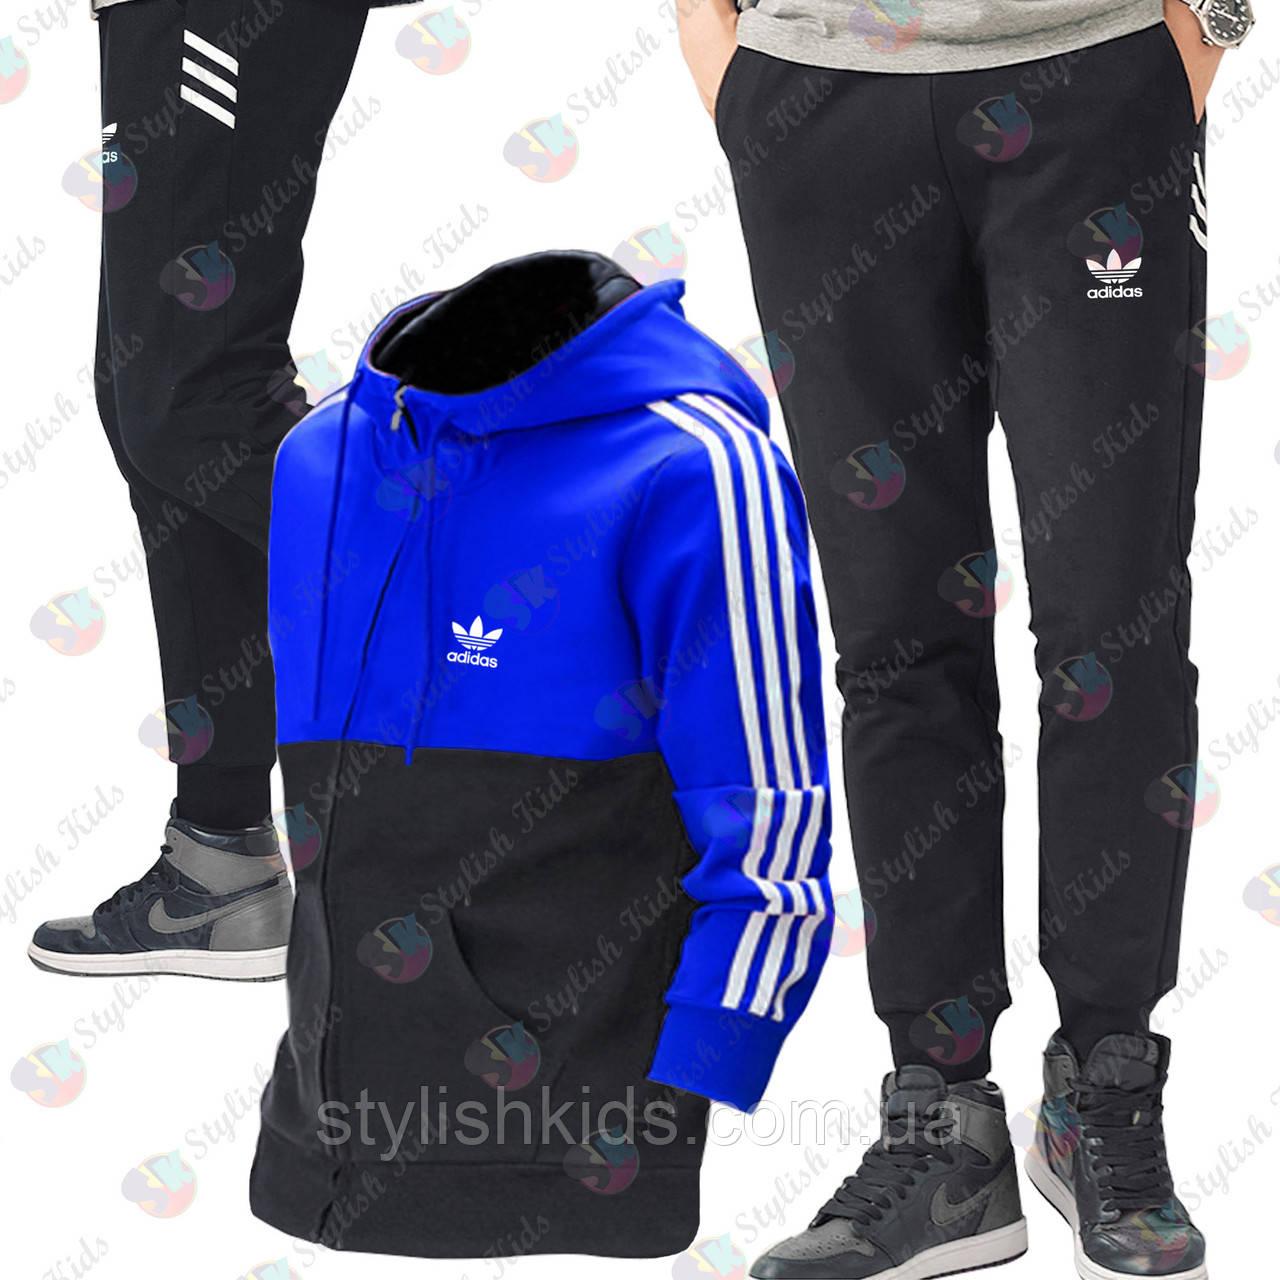 17df4cddb9ec50 Костюм спортивный детский Adidas в Украине.Подростковый спортивный костюм  на мальчика в Украине